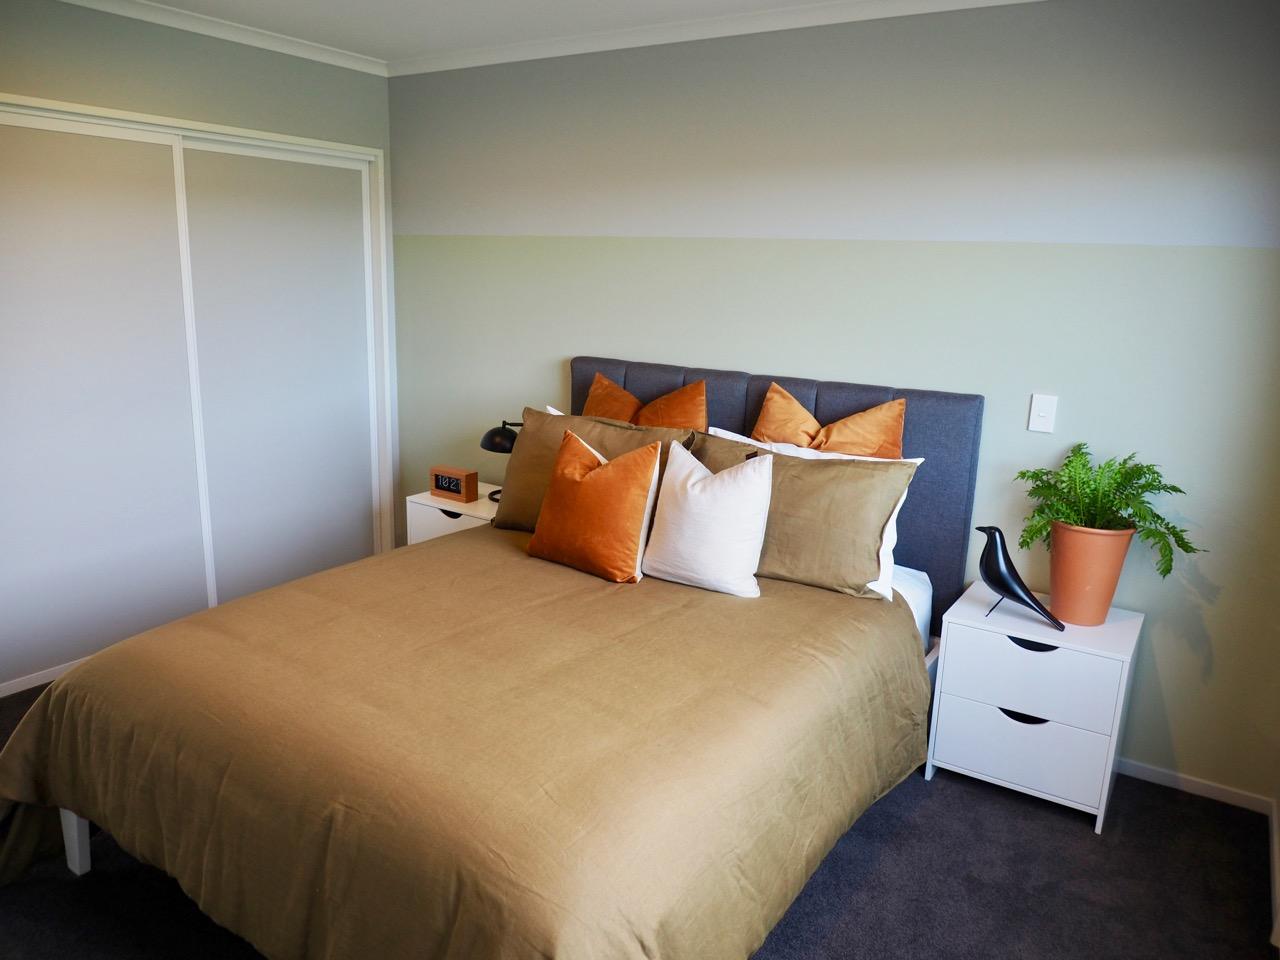 Chirstopher's Pad Bedroom - 1.jpg